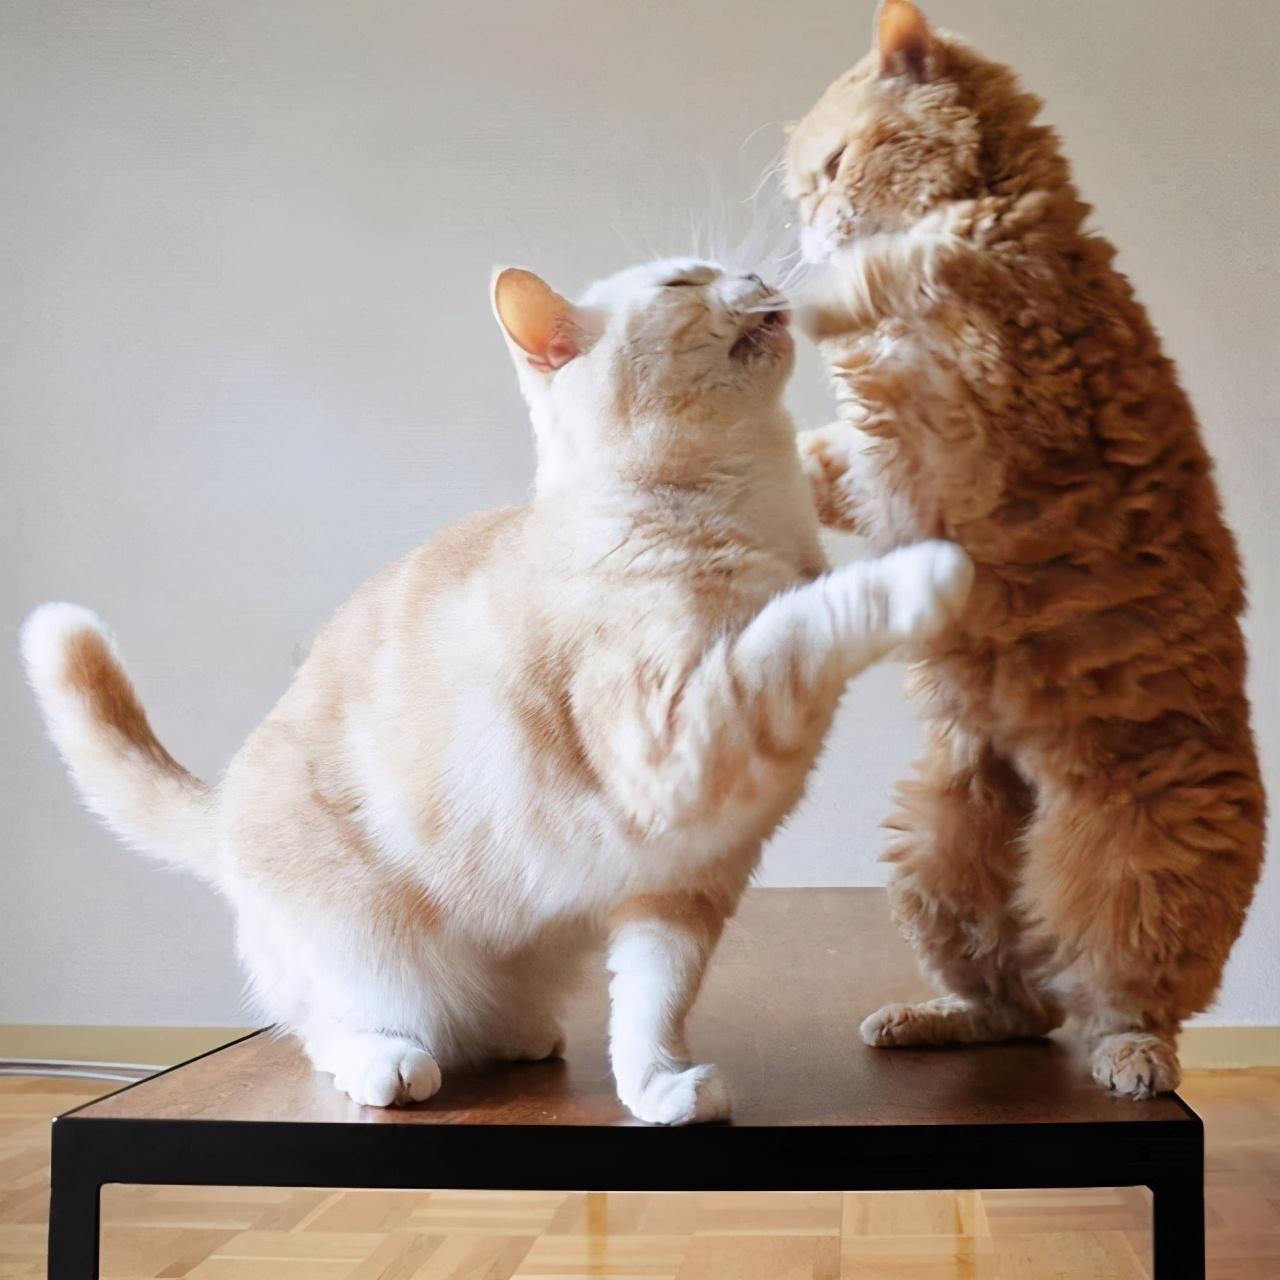 日本网友家,养了两只猫,日常打架的相处模式,萌化了